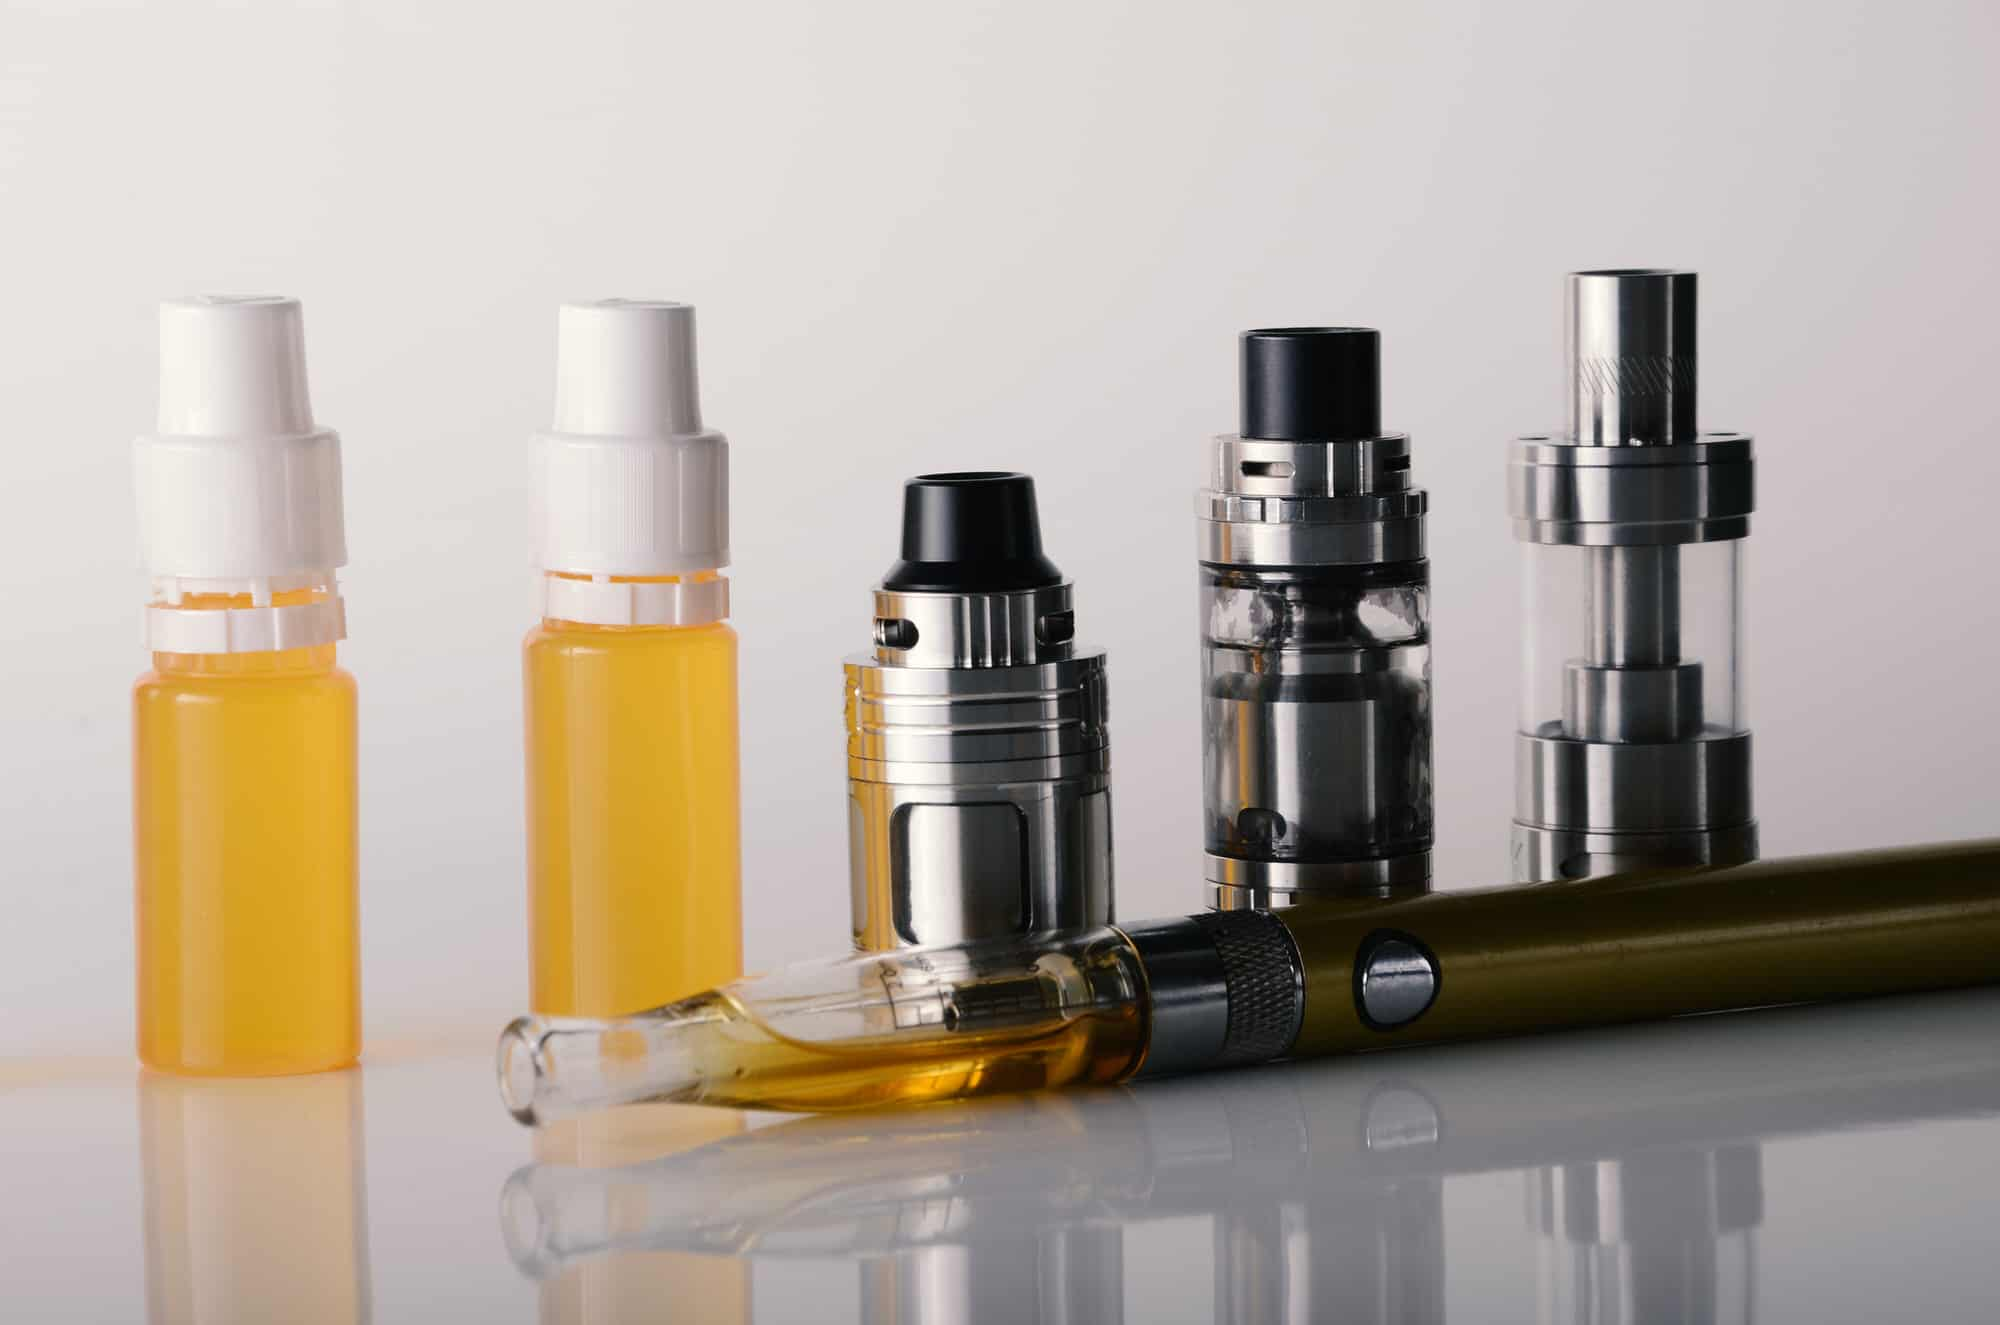 Rauchen mit E-Zigarette